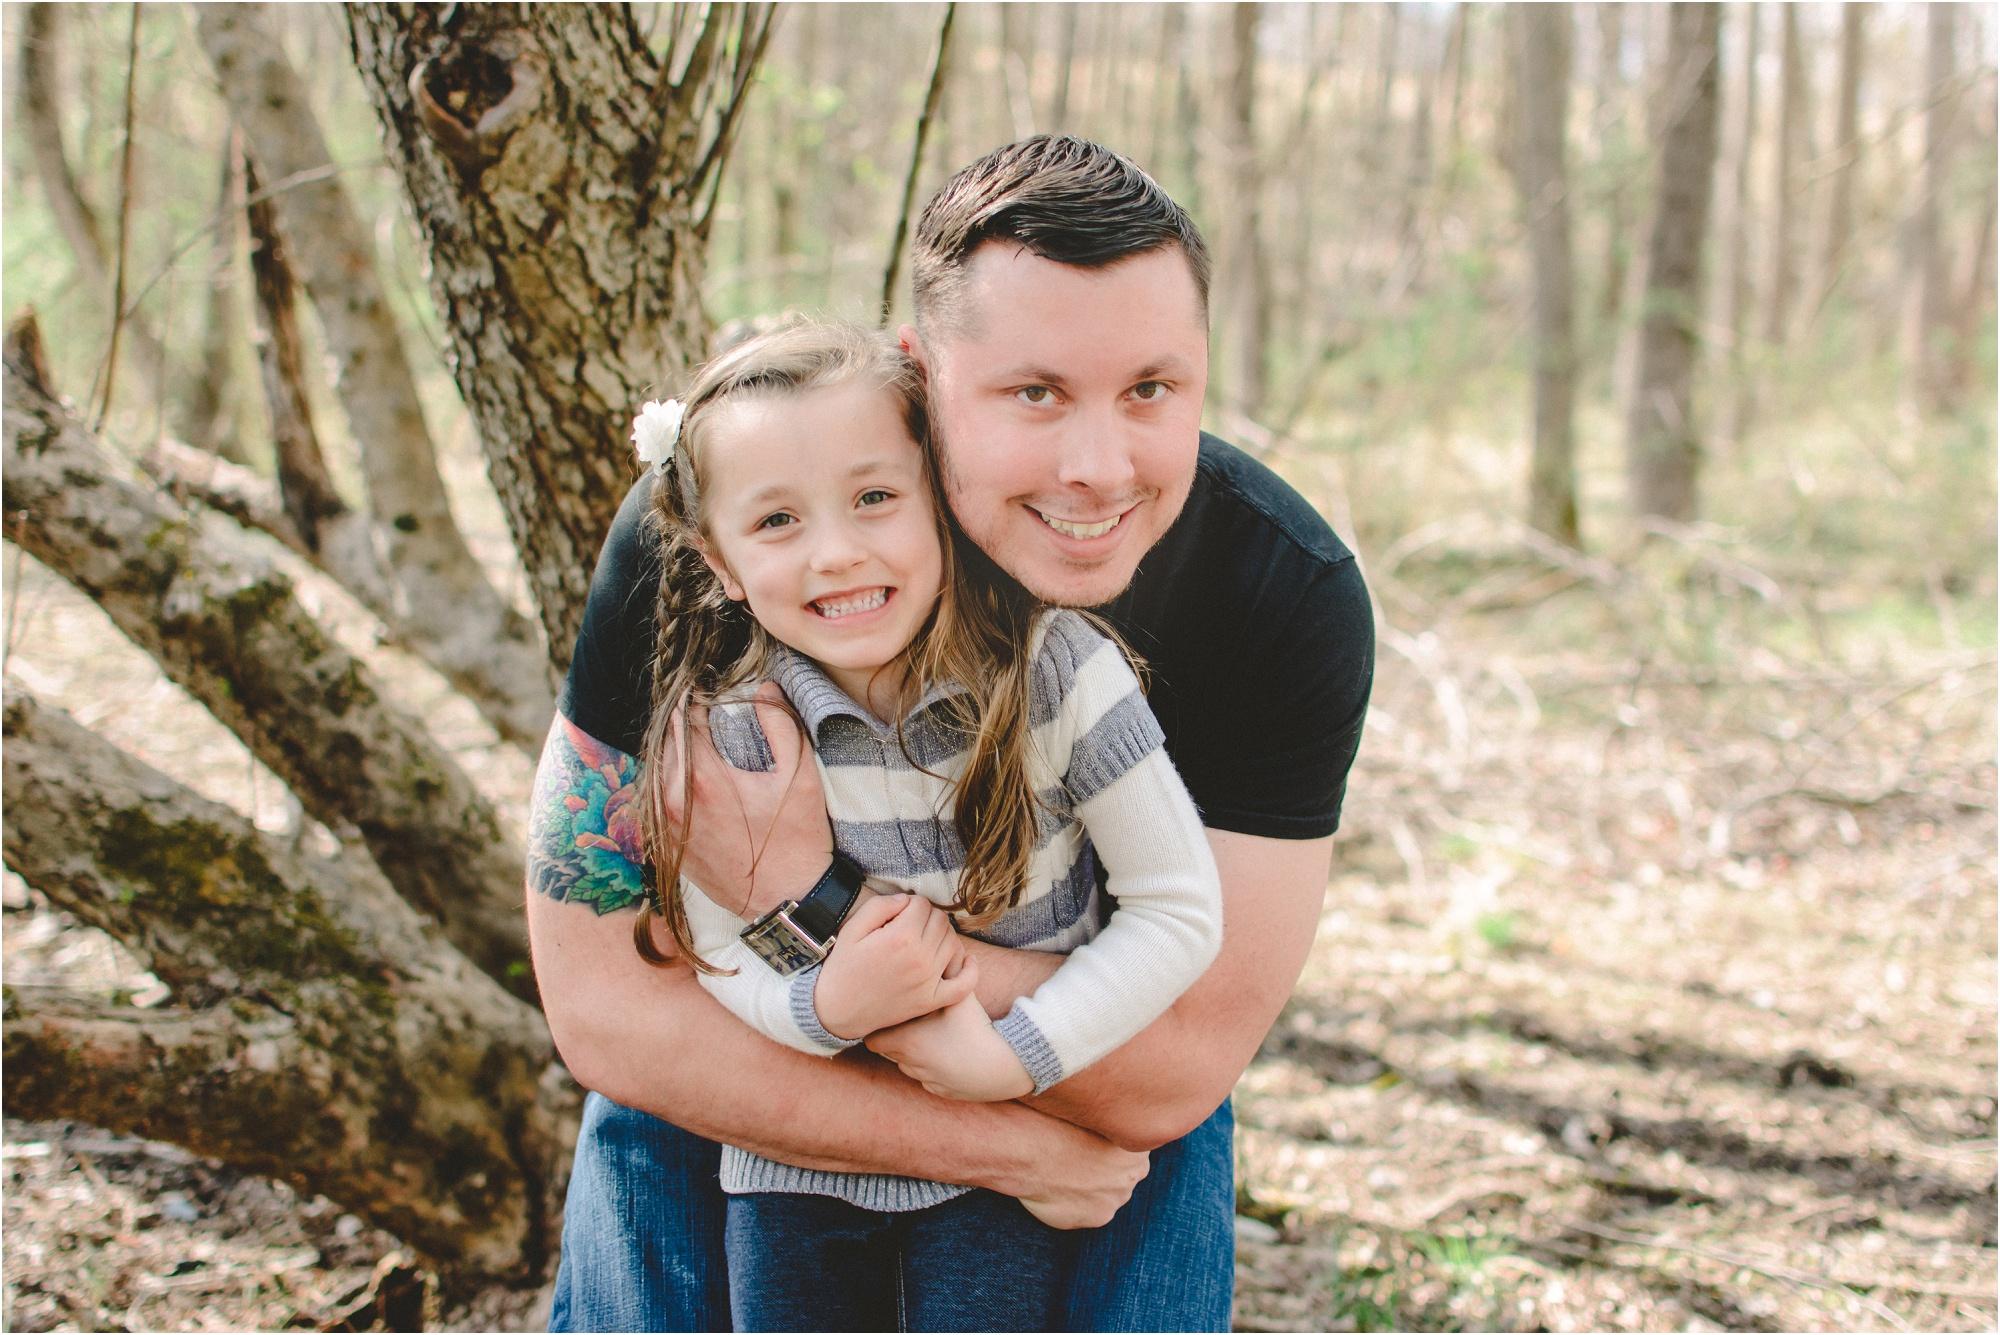 bnp-family-portraits-lucker.jpg